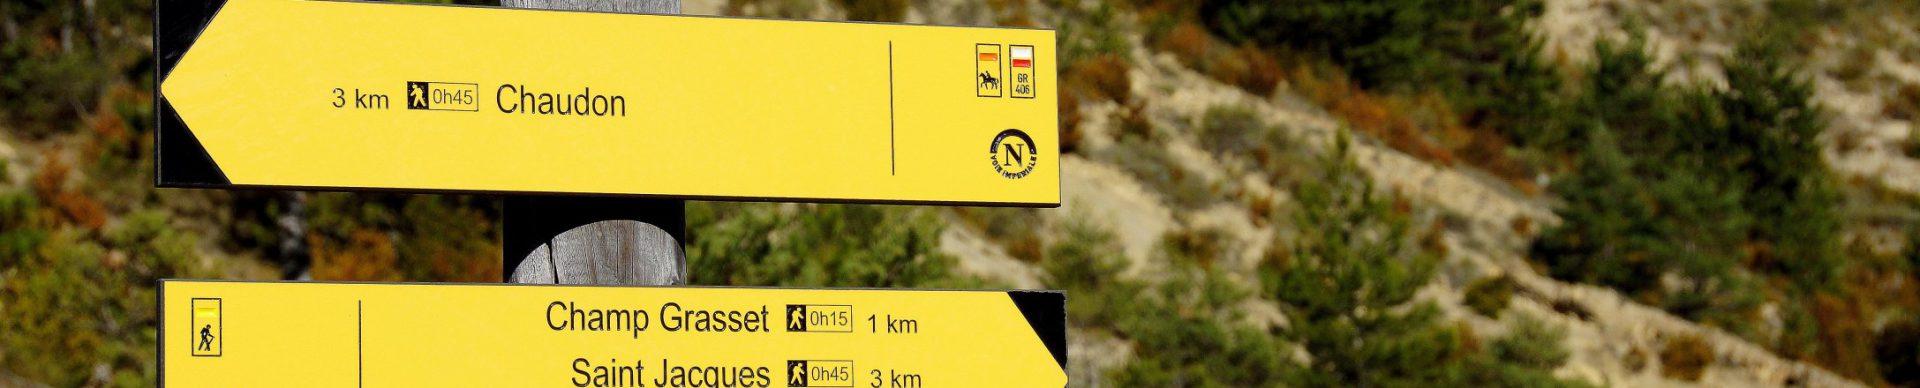 route Napoléon ©FIB.NL